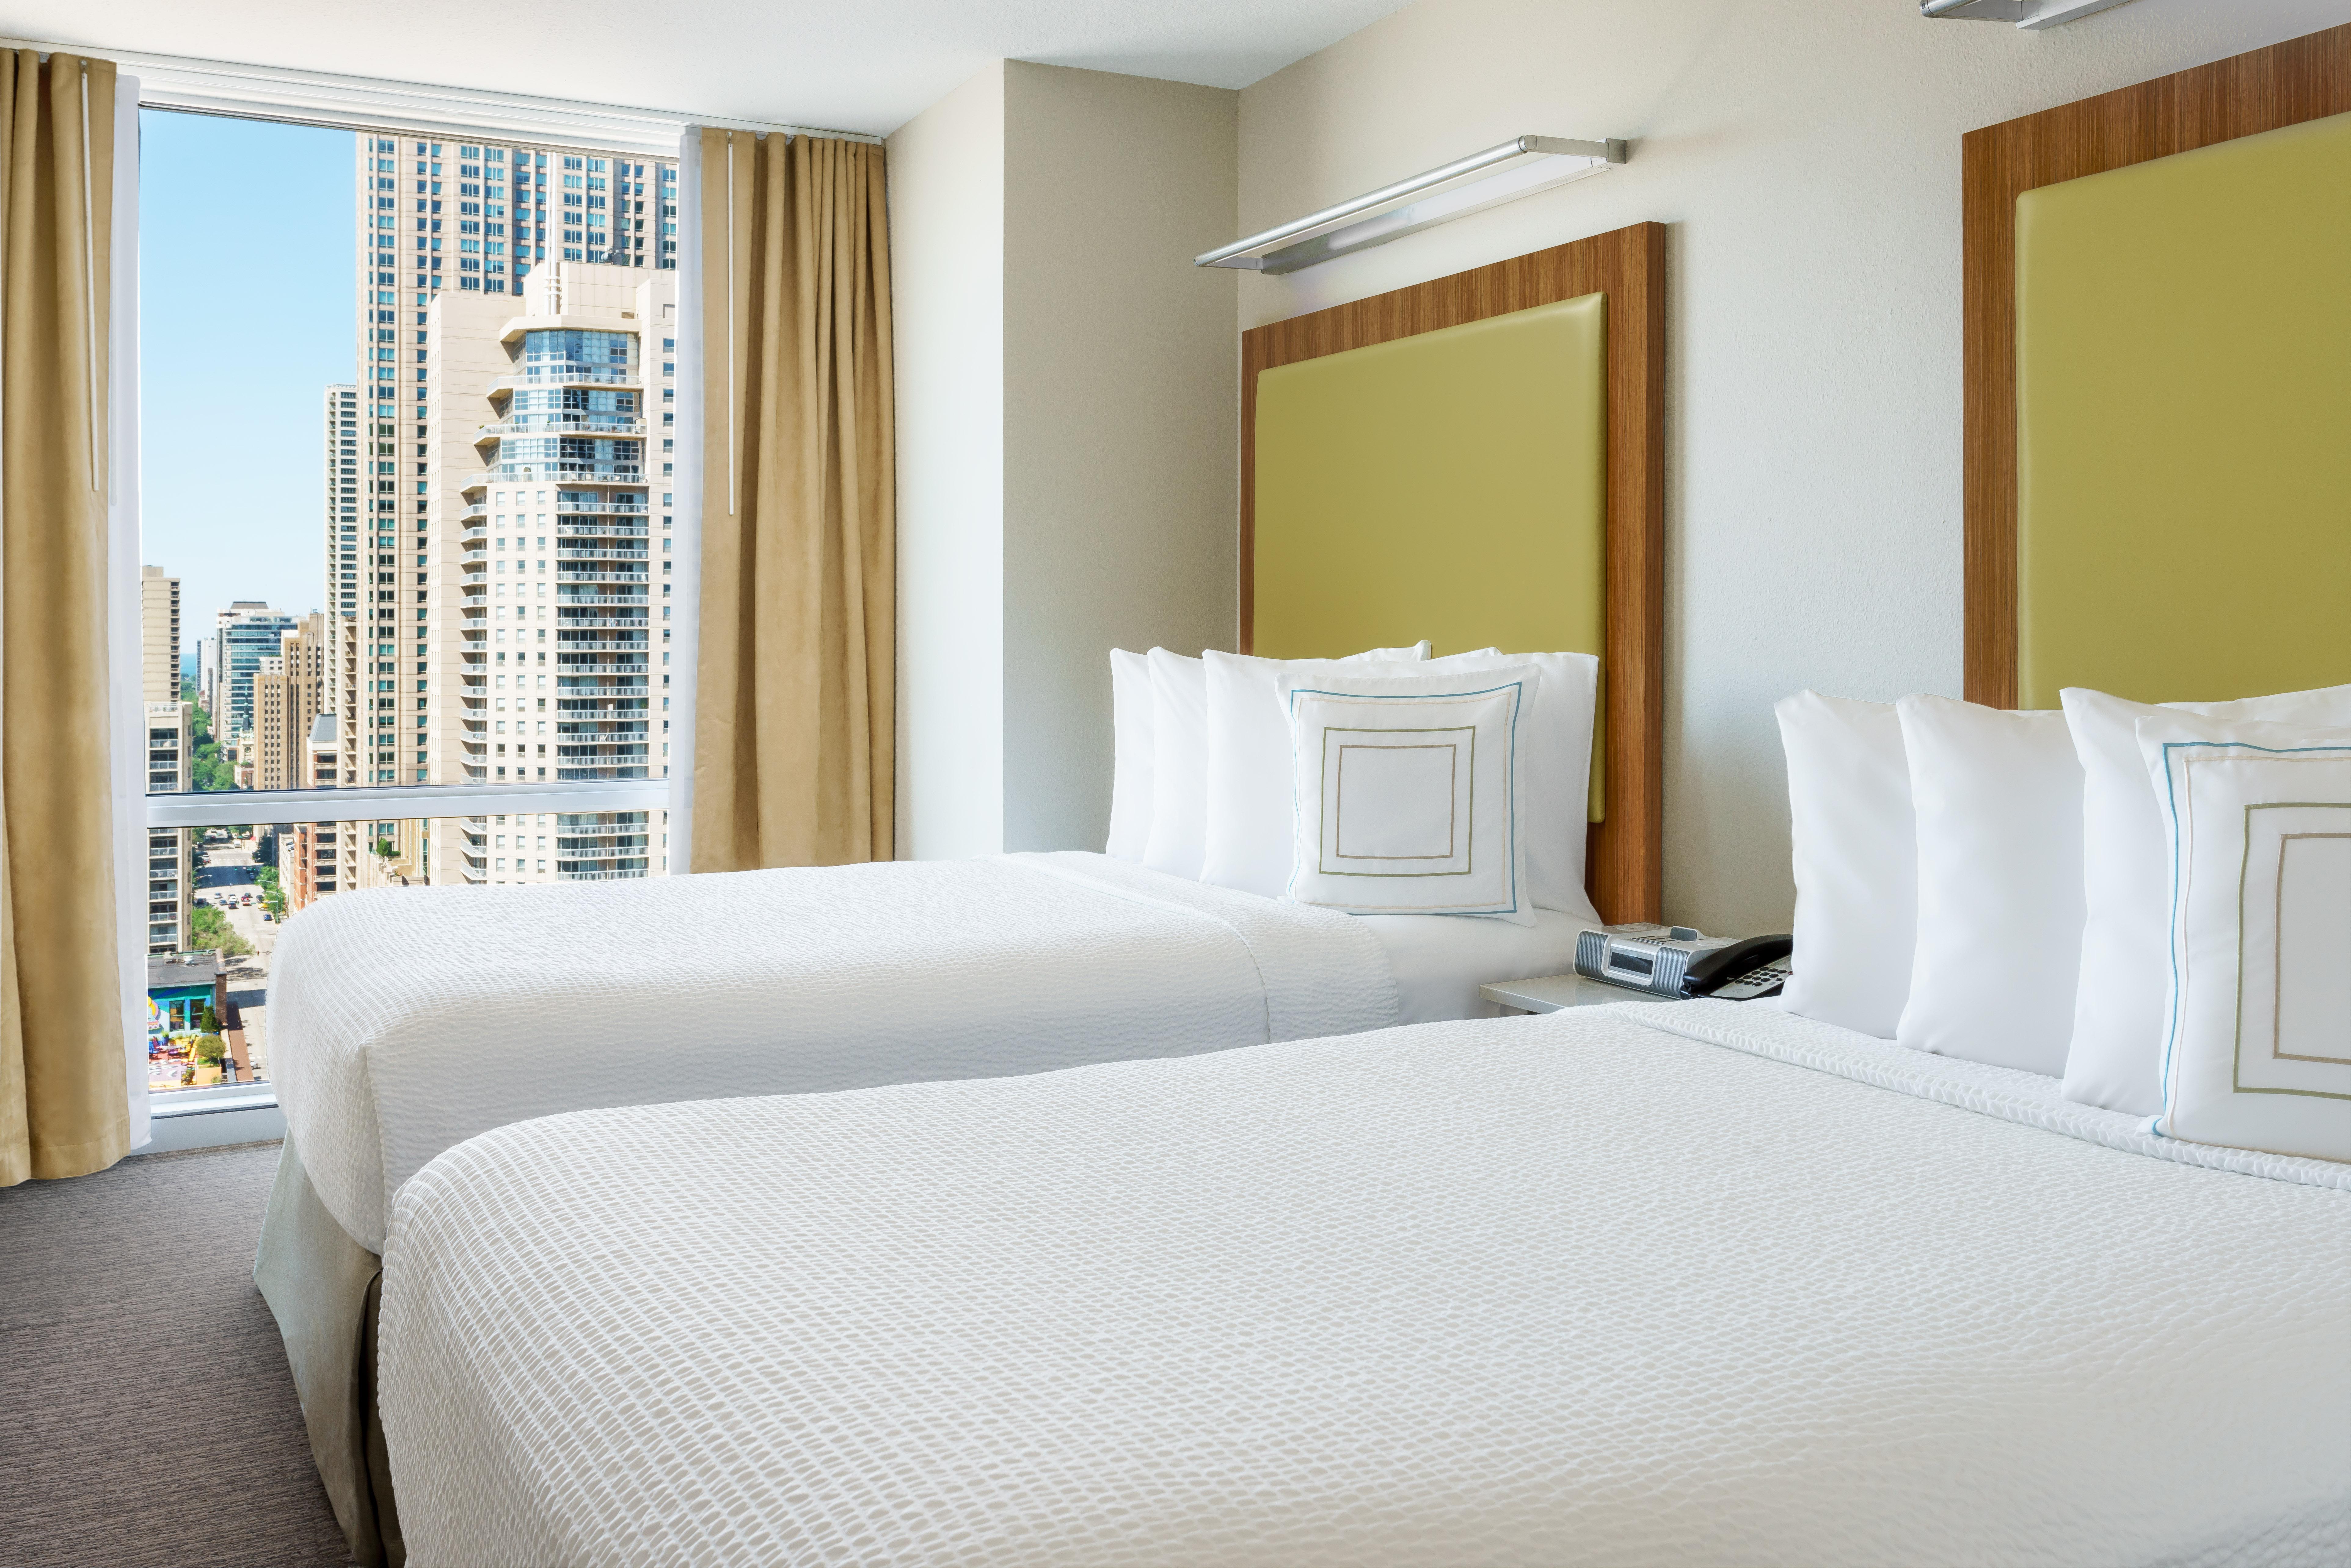 chinr_ozzz_bedroom